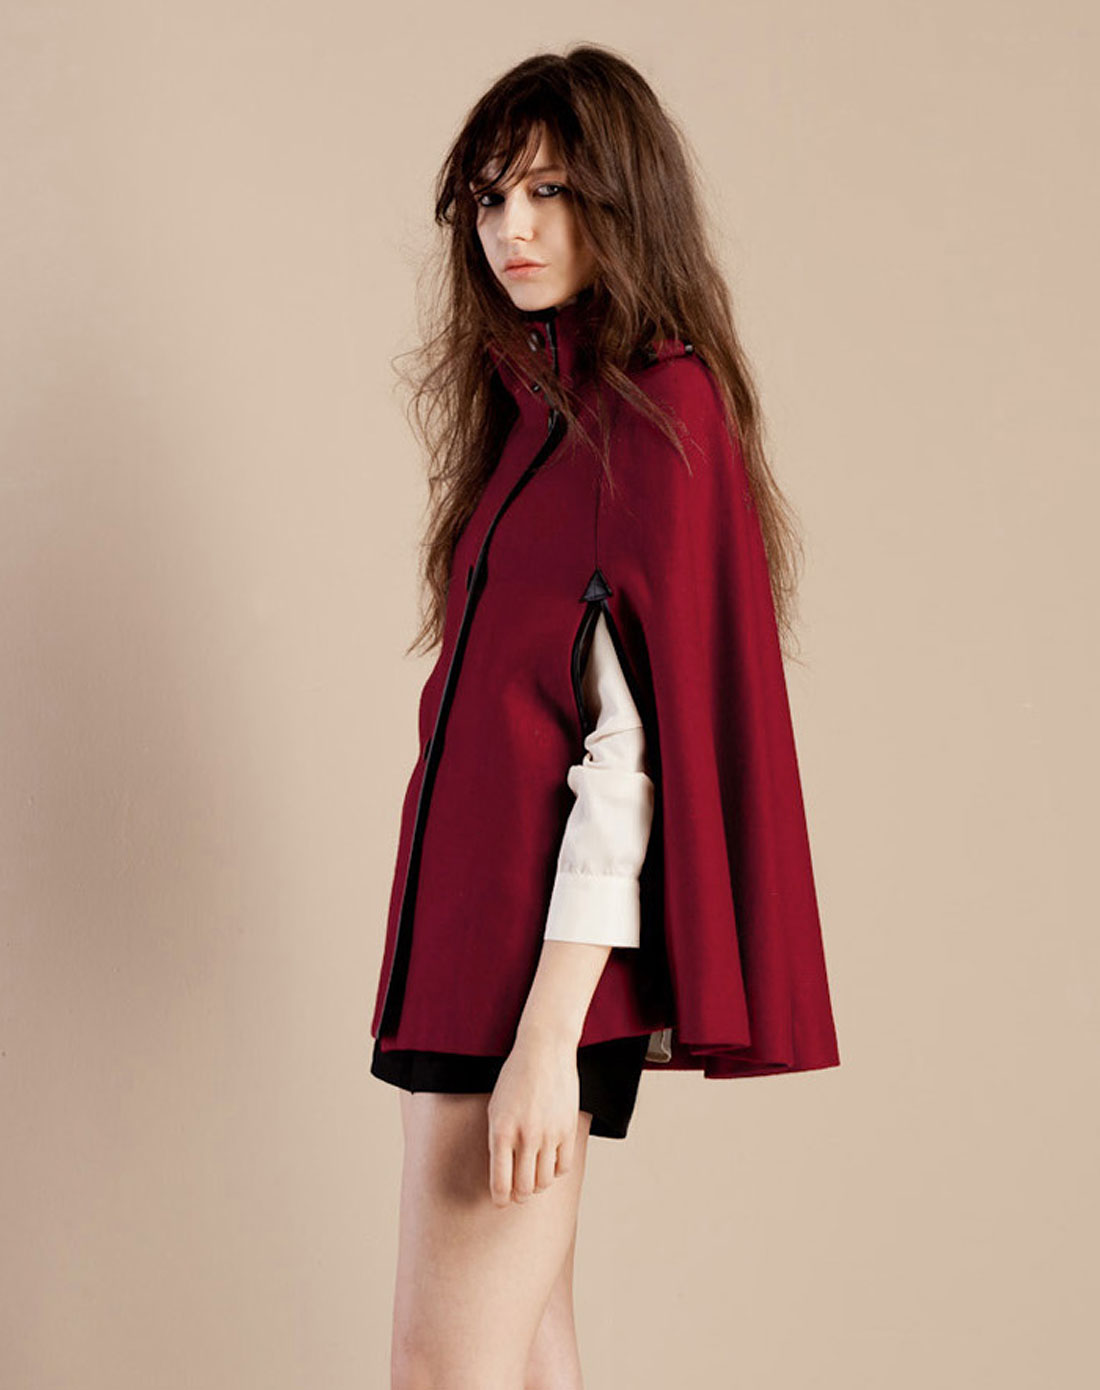 暗红色风衣怎么搭配